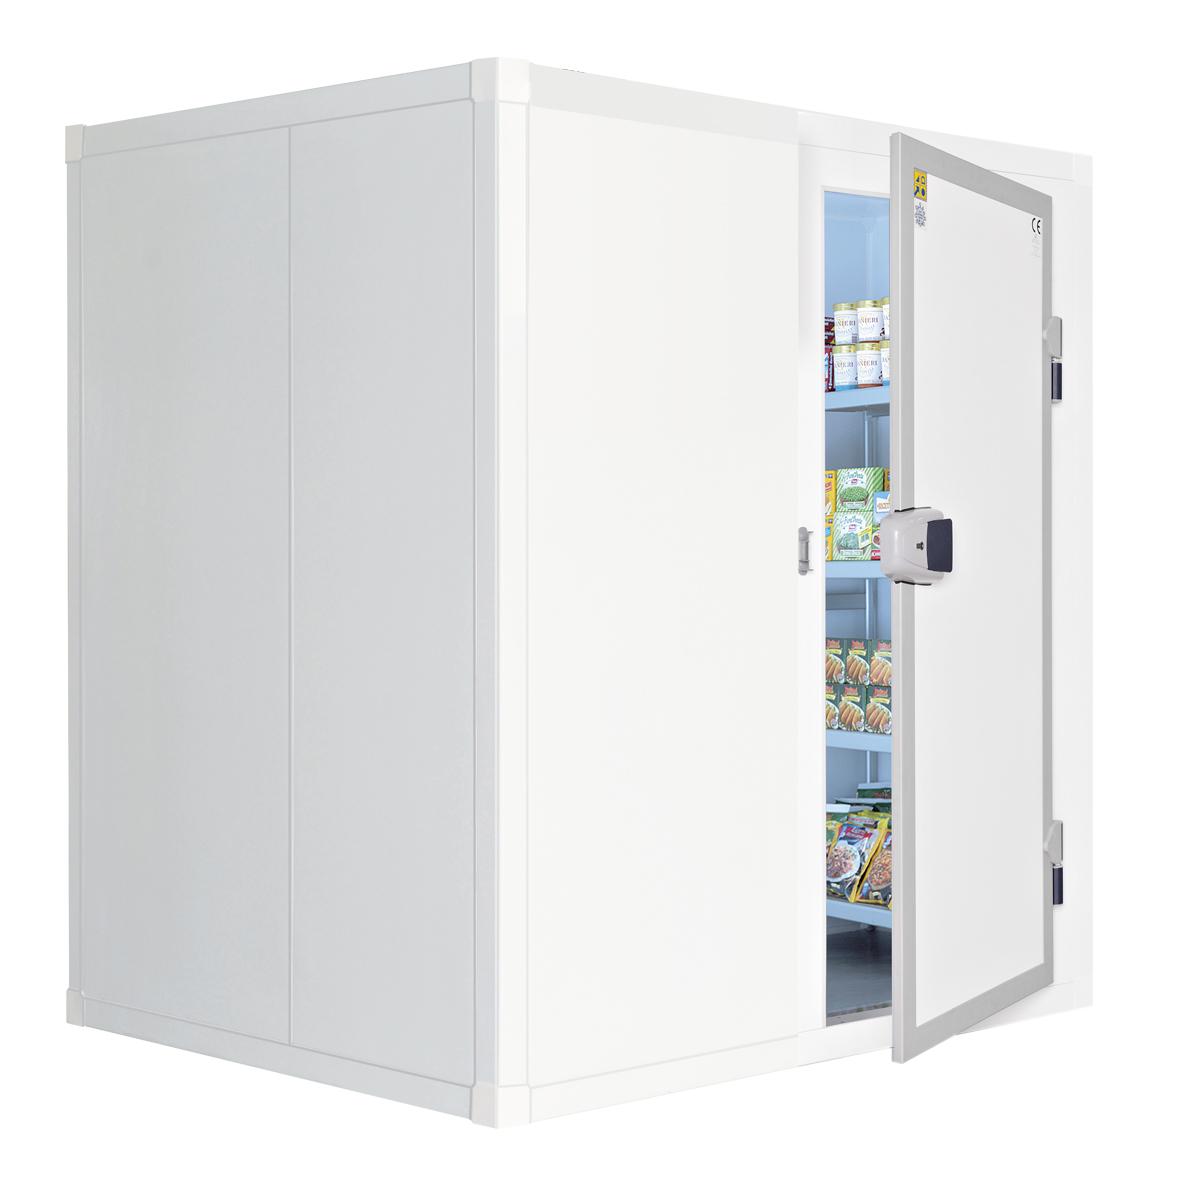 100 panneau frigorifique alimentaire vente panneau 15 luxury panneaux chambre froide. Black Bedroom Furniture Sets. Home Design Ideas